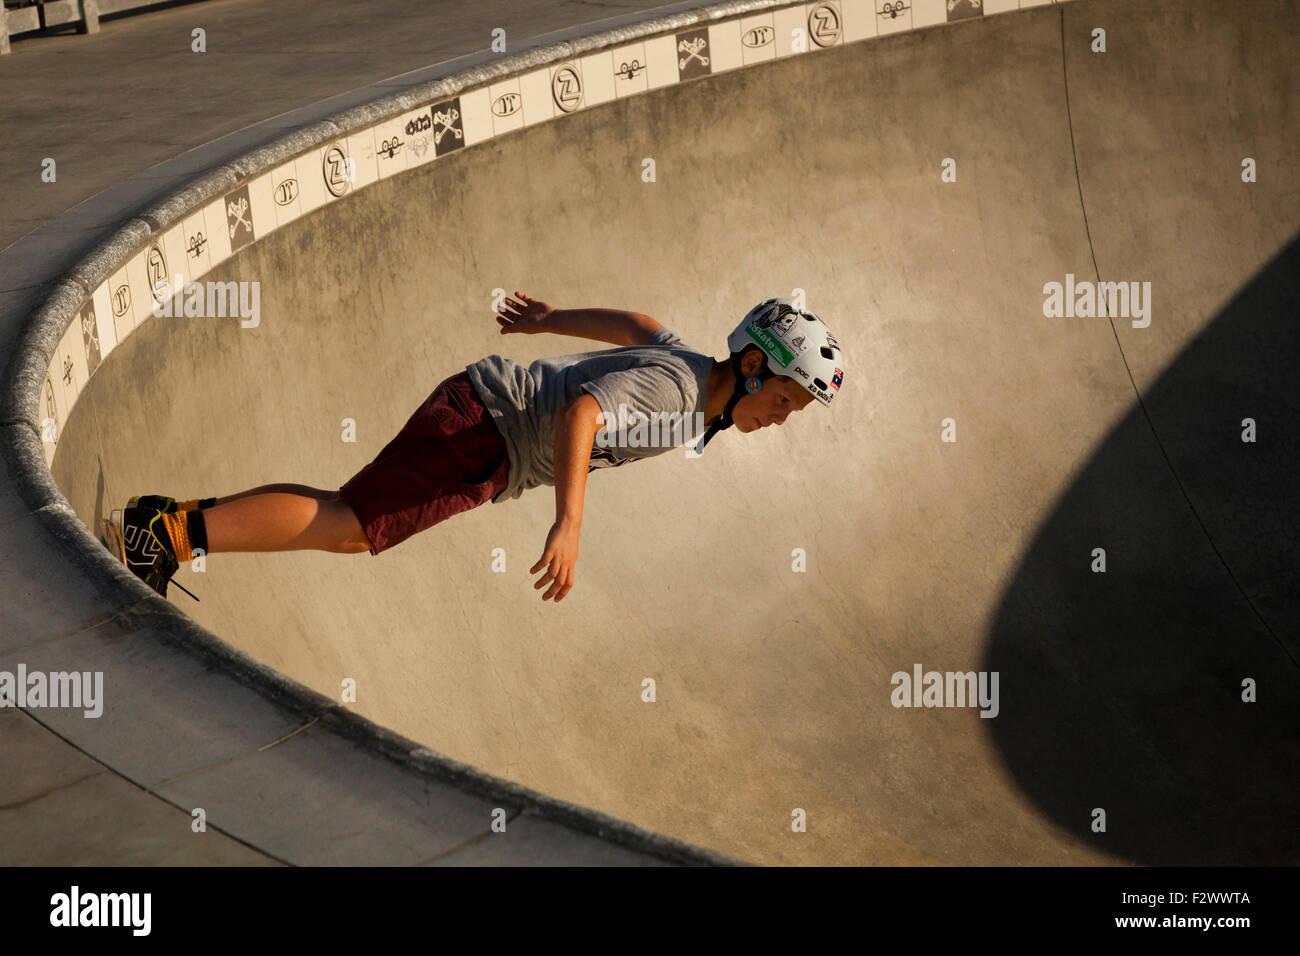 Skateboarder, Venice Beach, Los Angeles, Kalifornien Stockbild